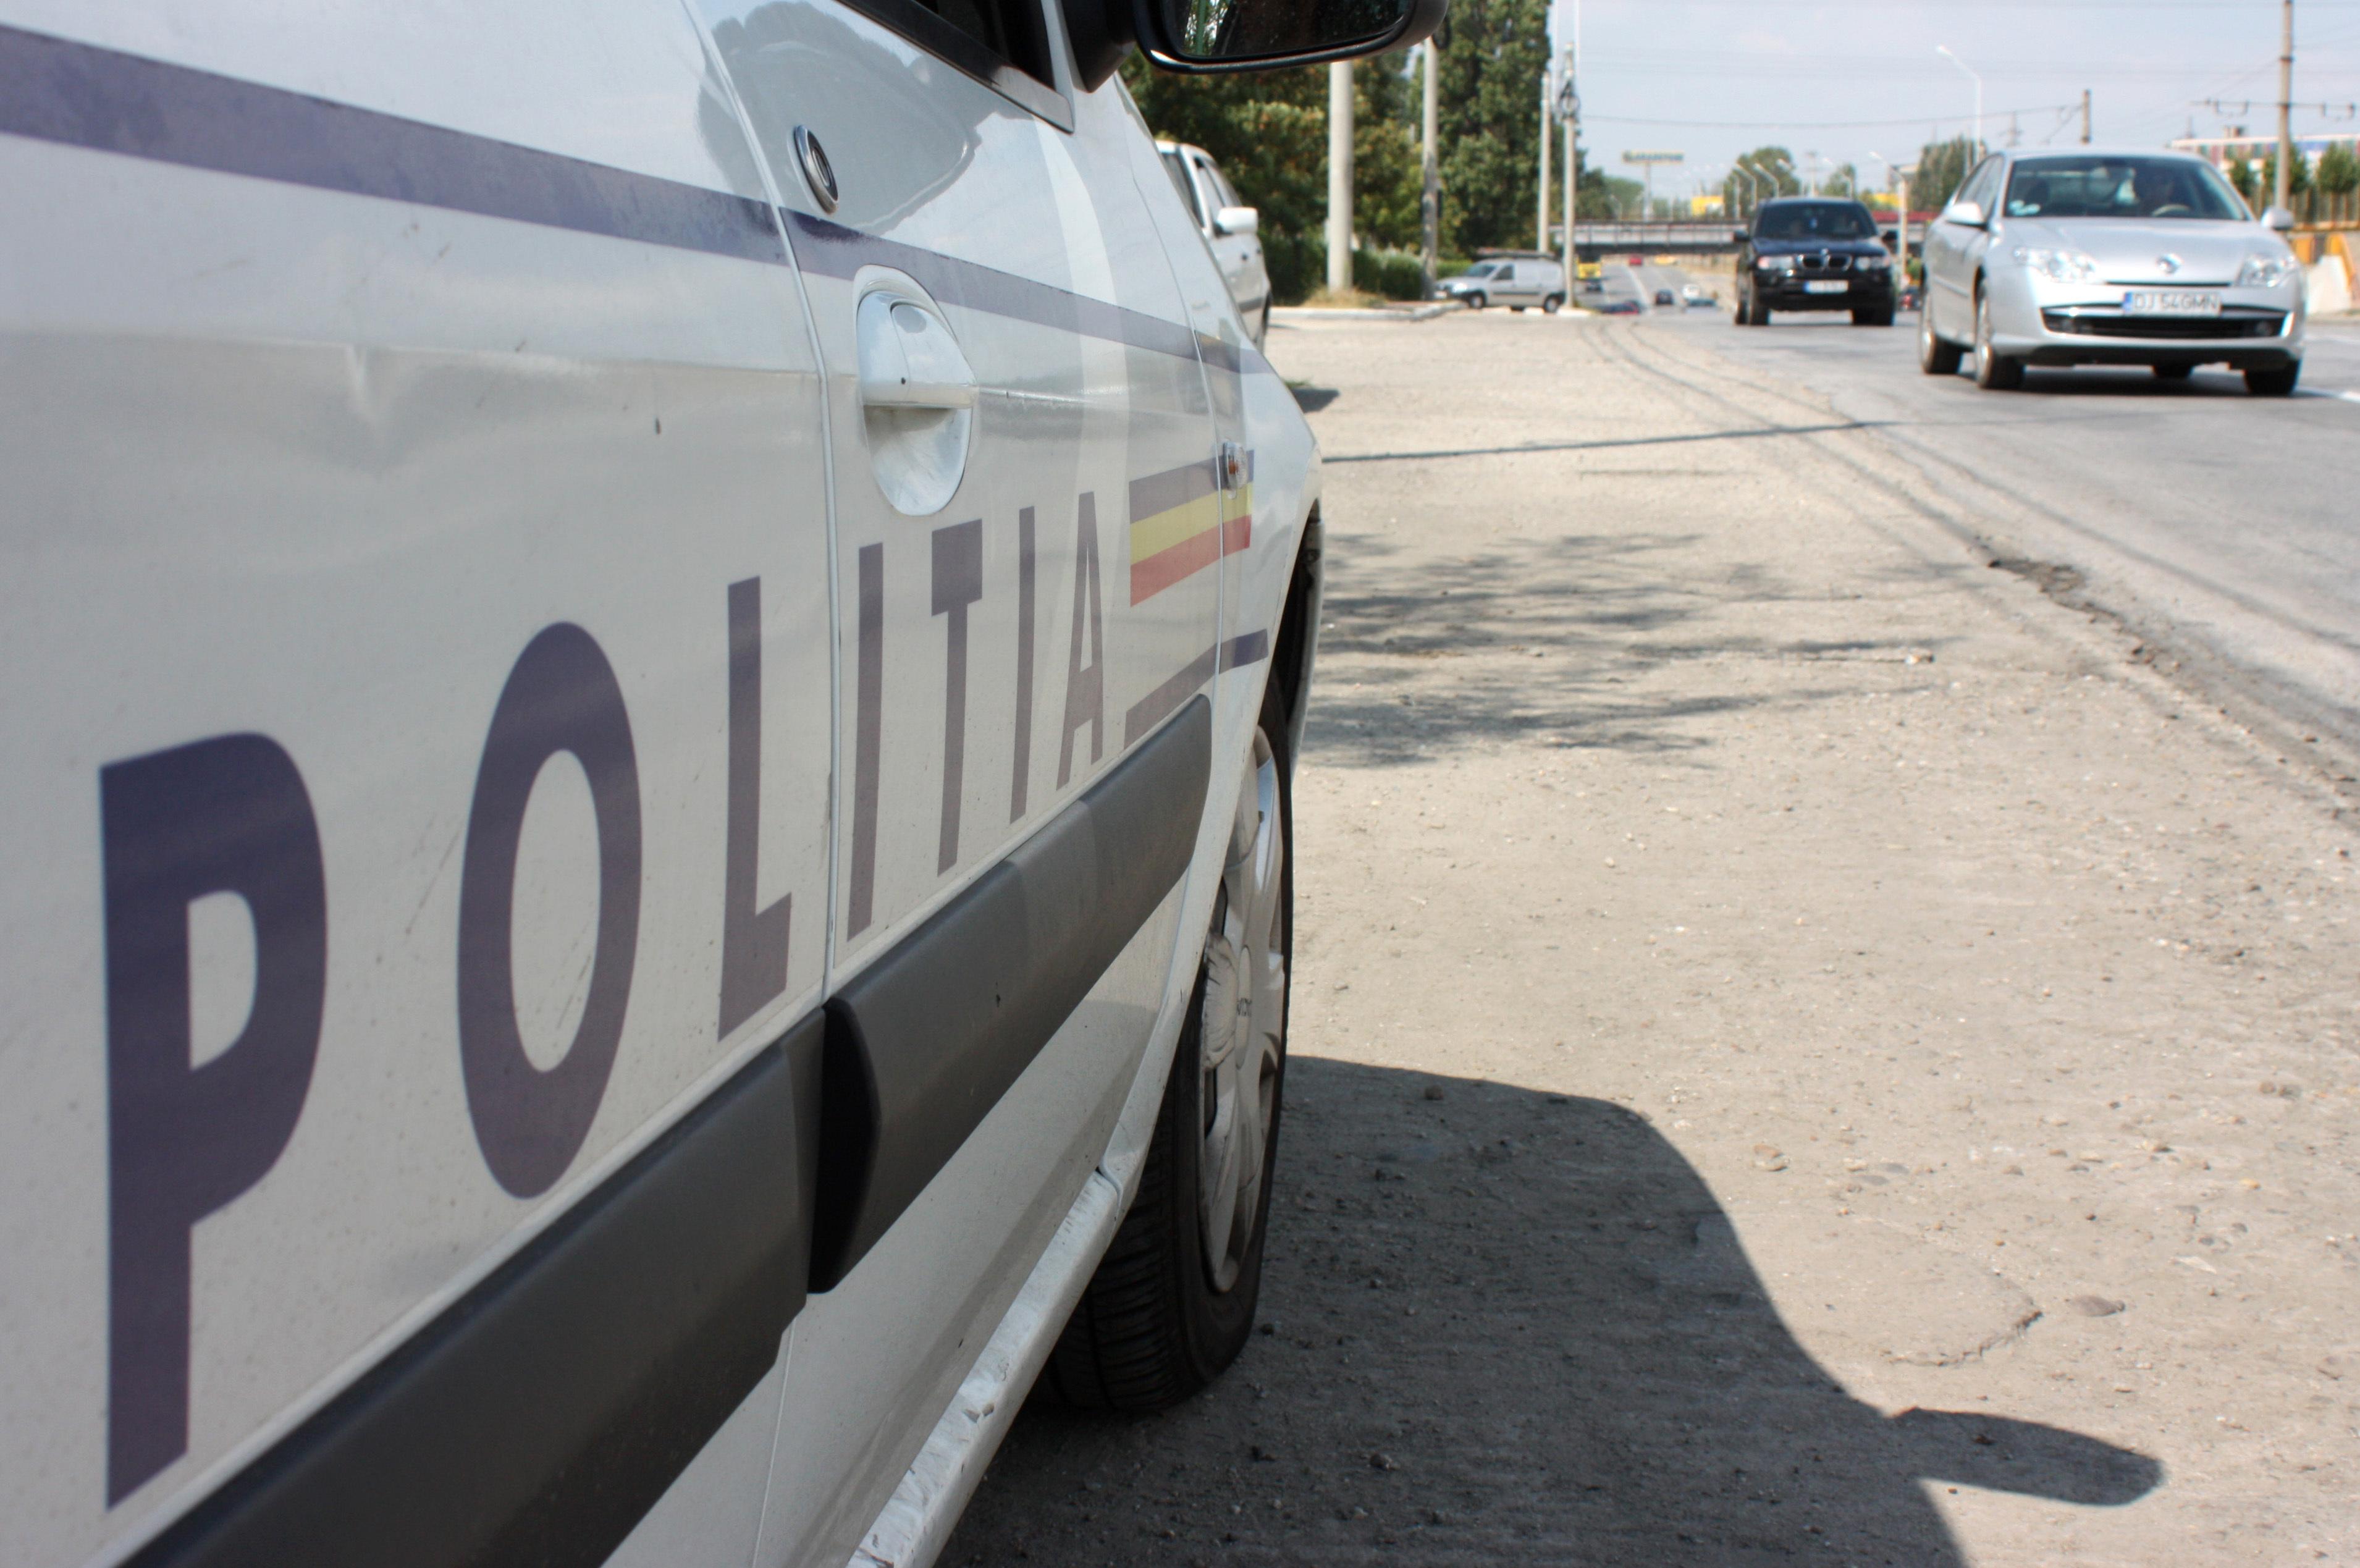 Un bărbat a fost reţinut după ce a distrus maşina poliţiei